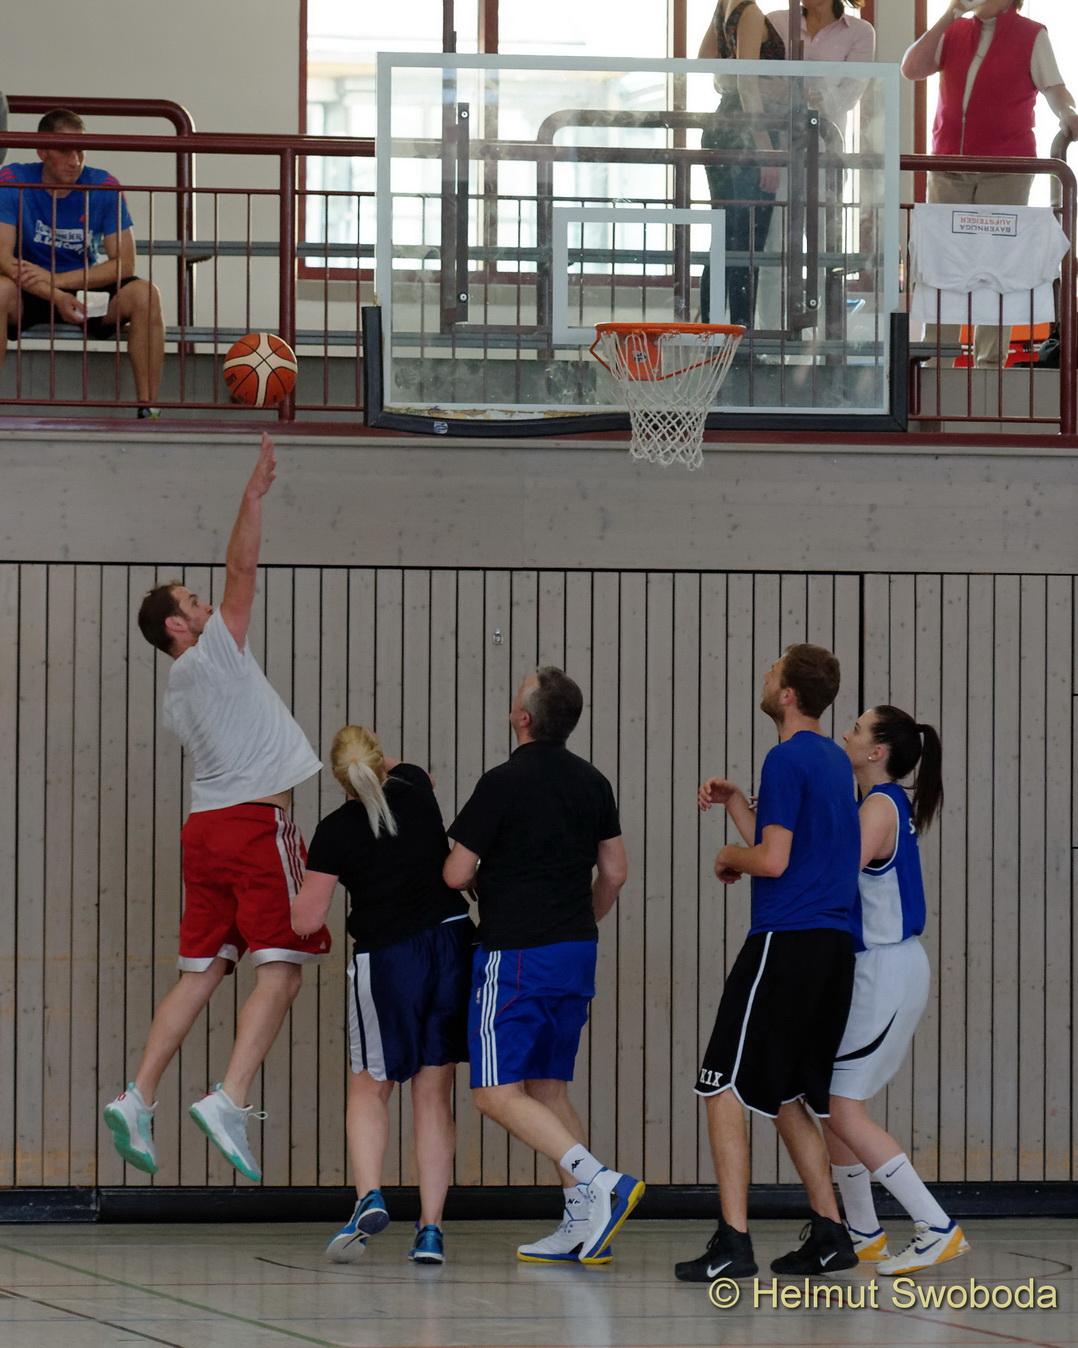 d170402-163020800-100-basketball_weilheim-mixed-turnier_33684147881_o